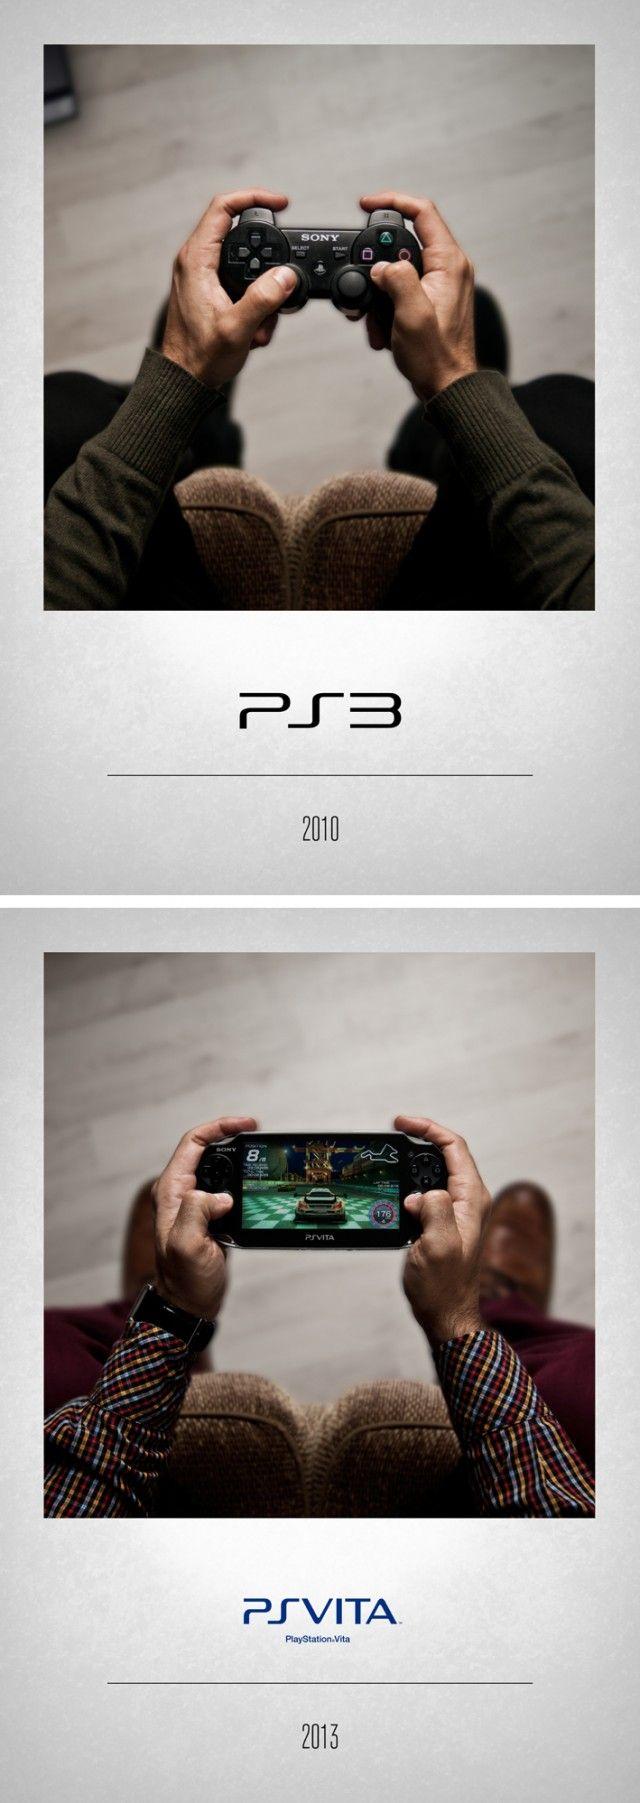 artsite-jeux-video-histoire-manettes-photographie-21 Un photographe retrace 30 ans de consoles de jeux à travers 22 manettes intemporelles